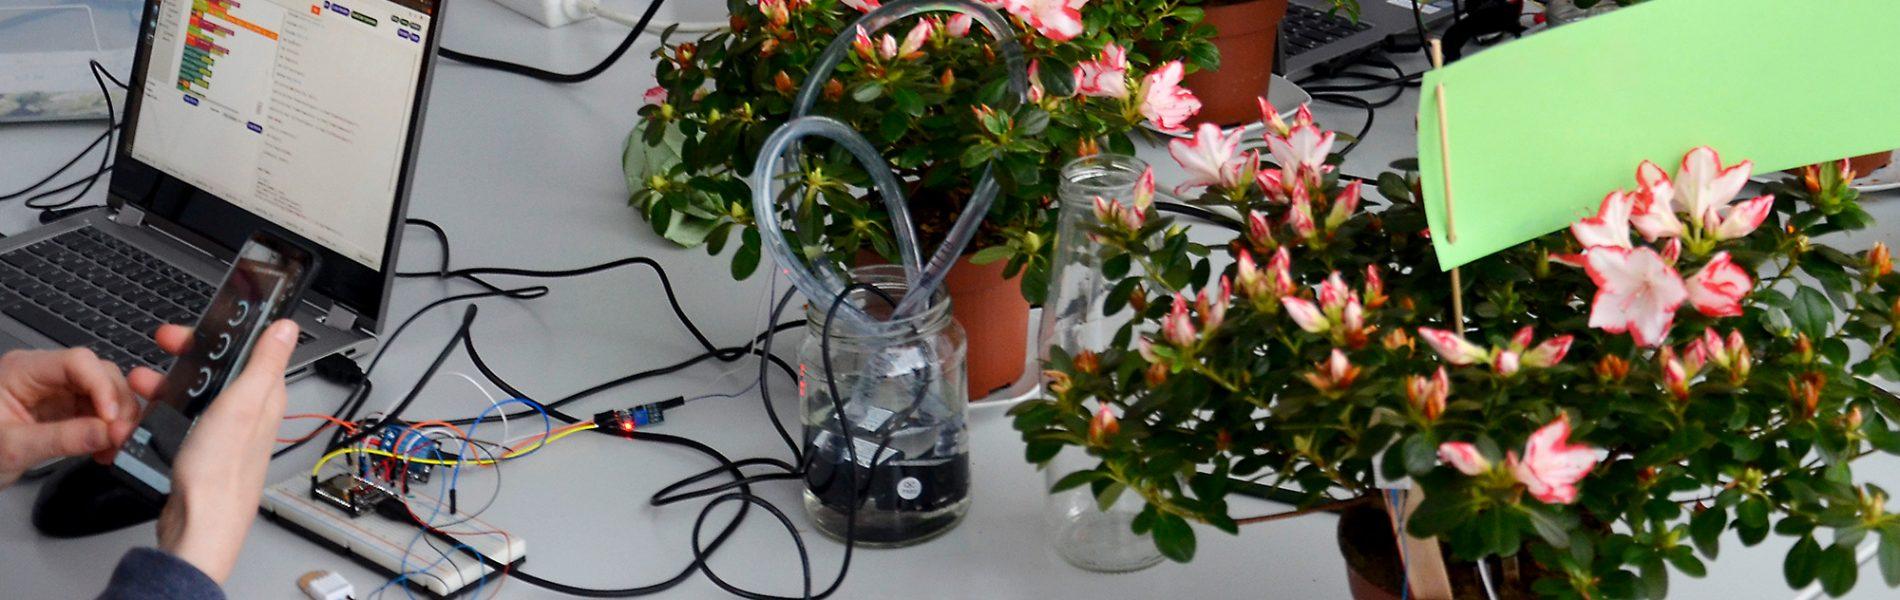 """Dieses Bild zeigt """"Smarte Pflanzen"""" in der botanika Bremen."""